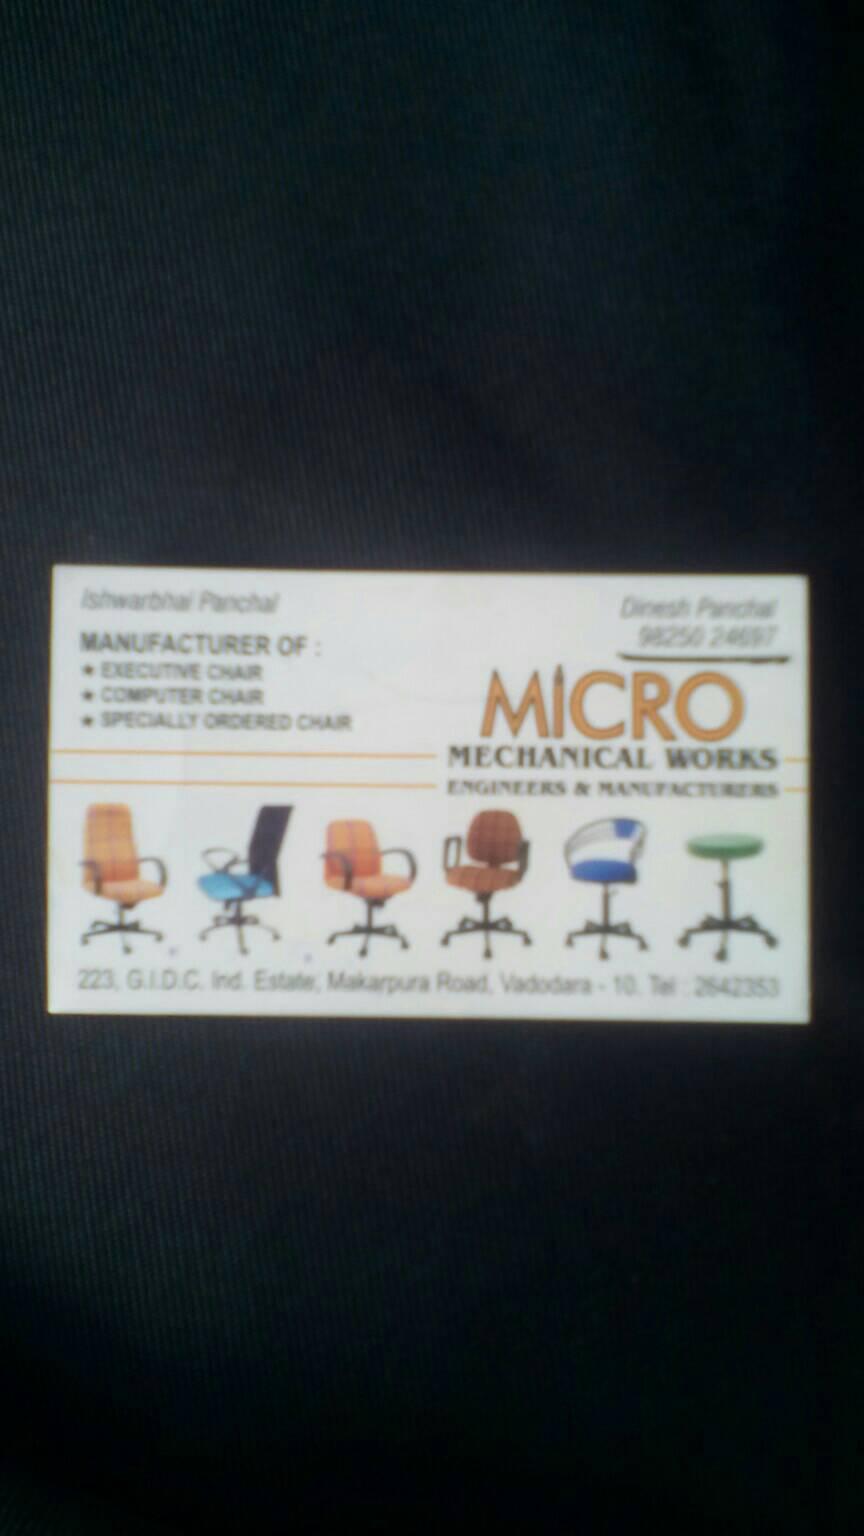 MICRO MECHANICAL WORKS